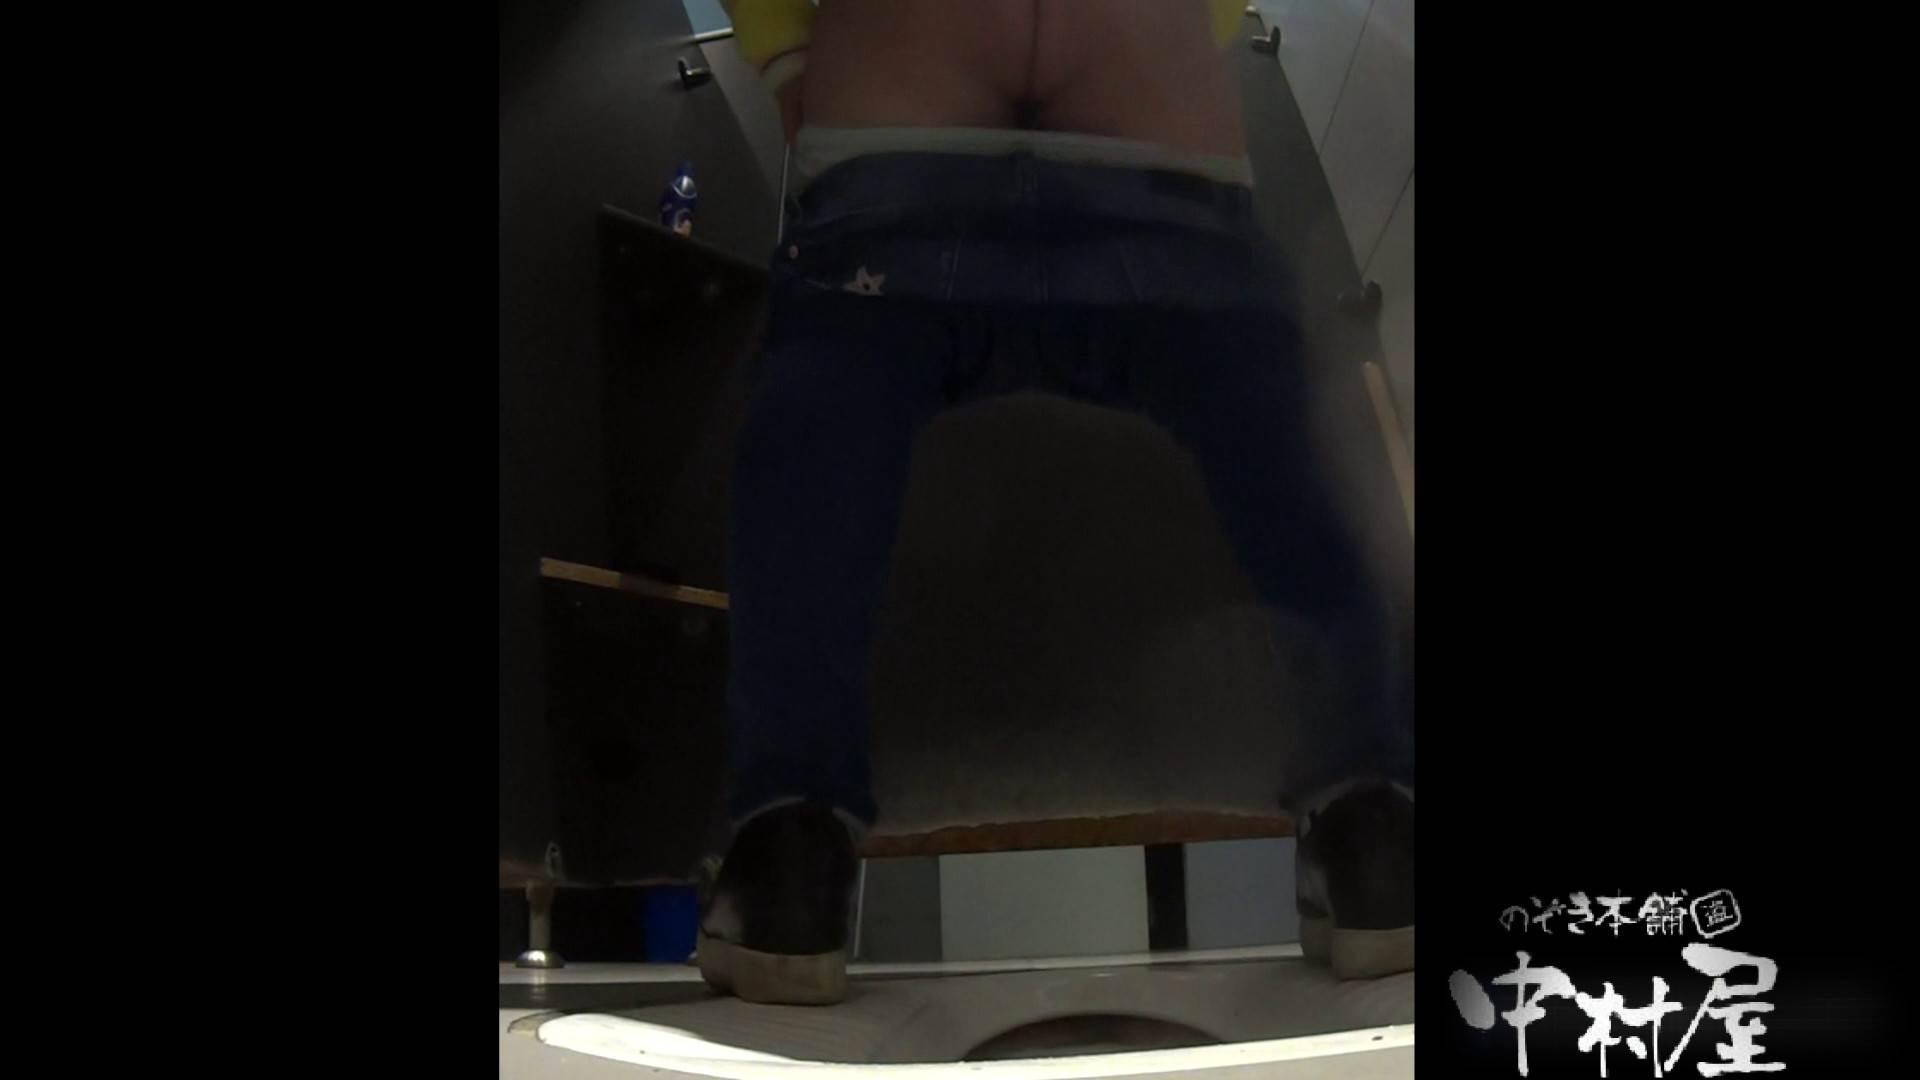 高画質うんこたくさん!大学休憩時間の洗面所事情18 美女 セックス画像 113連発 21